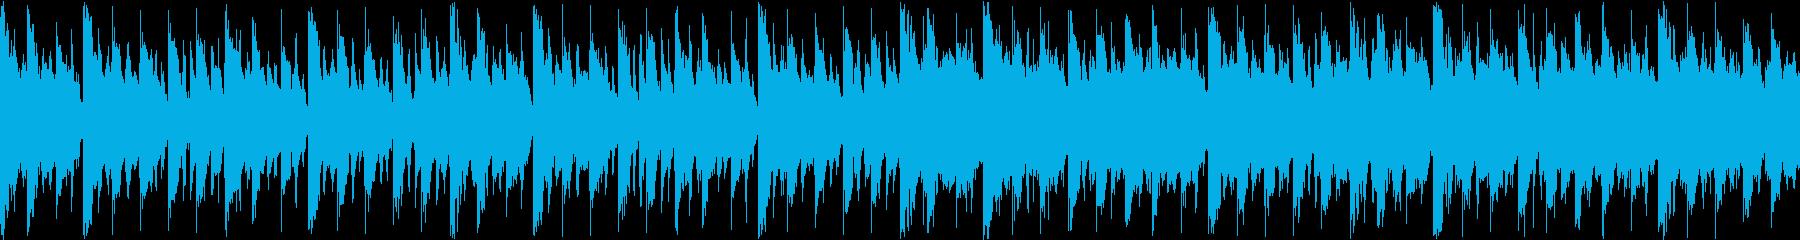 いえ 楽しげ 電子打楽器 Voic...の再生済みの波形